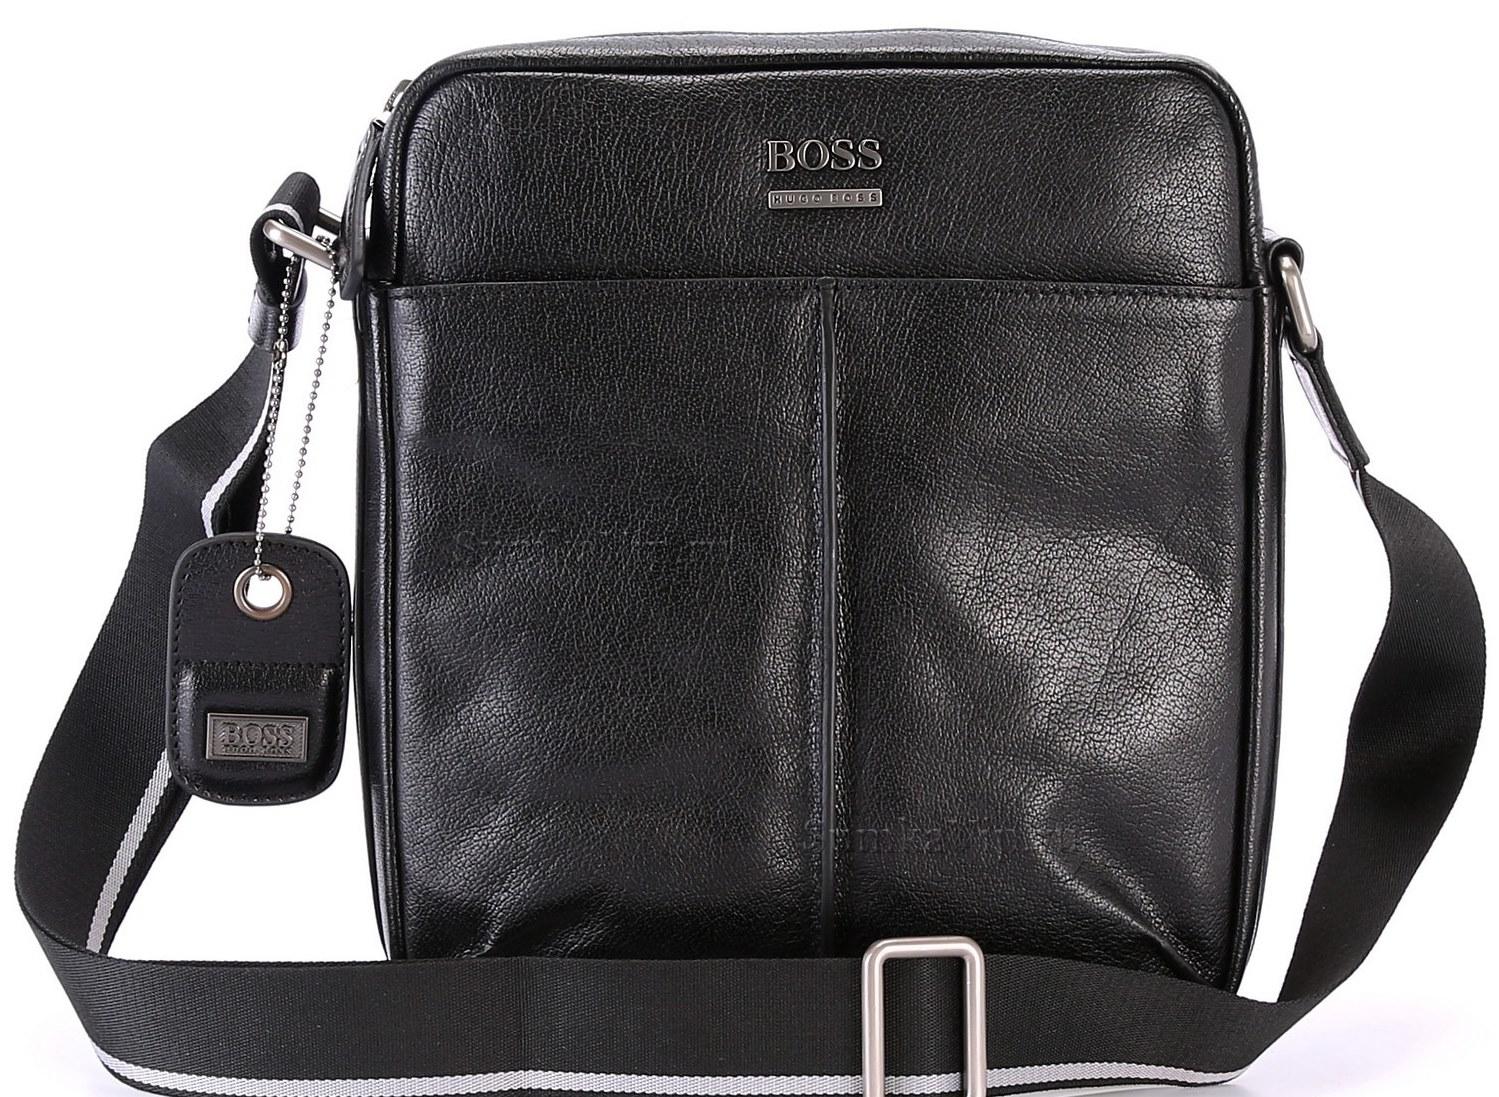 Мужские сумки через плечо - тренд этого сезона 3241b54f654